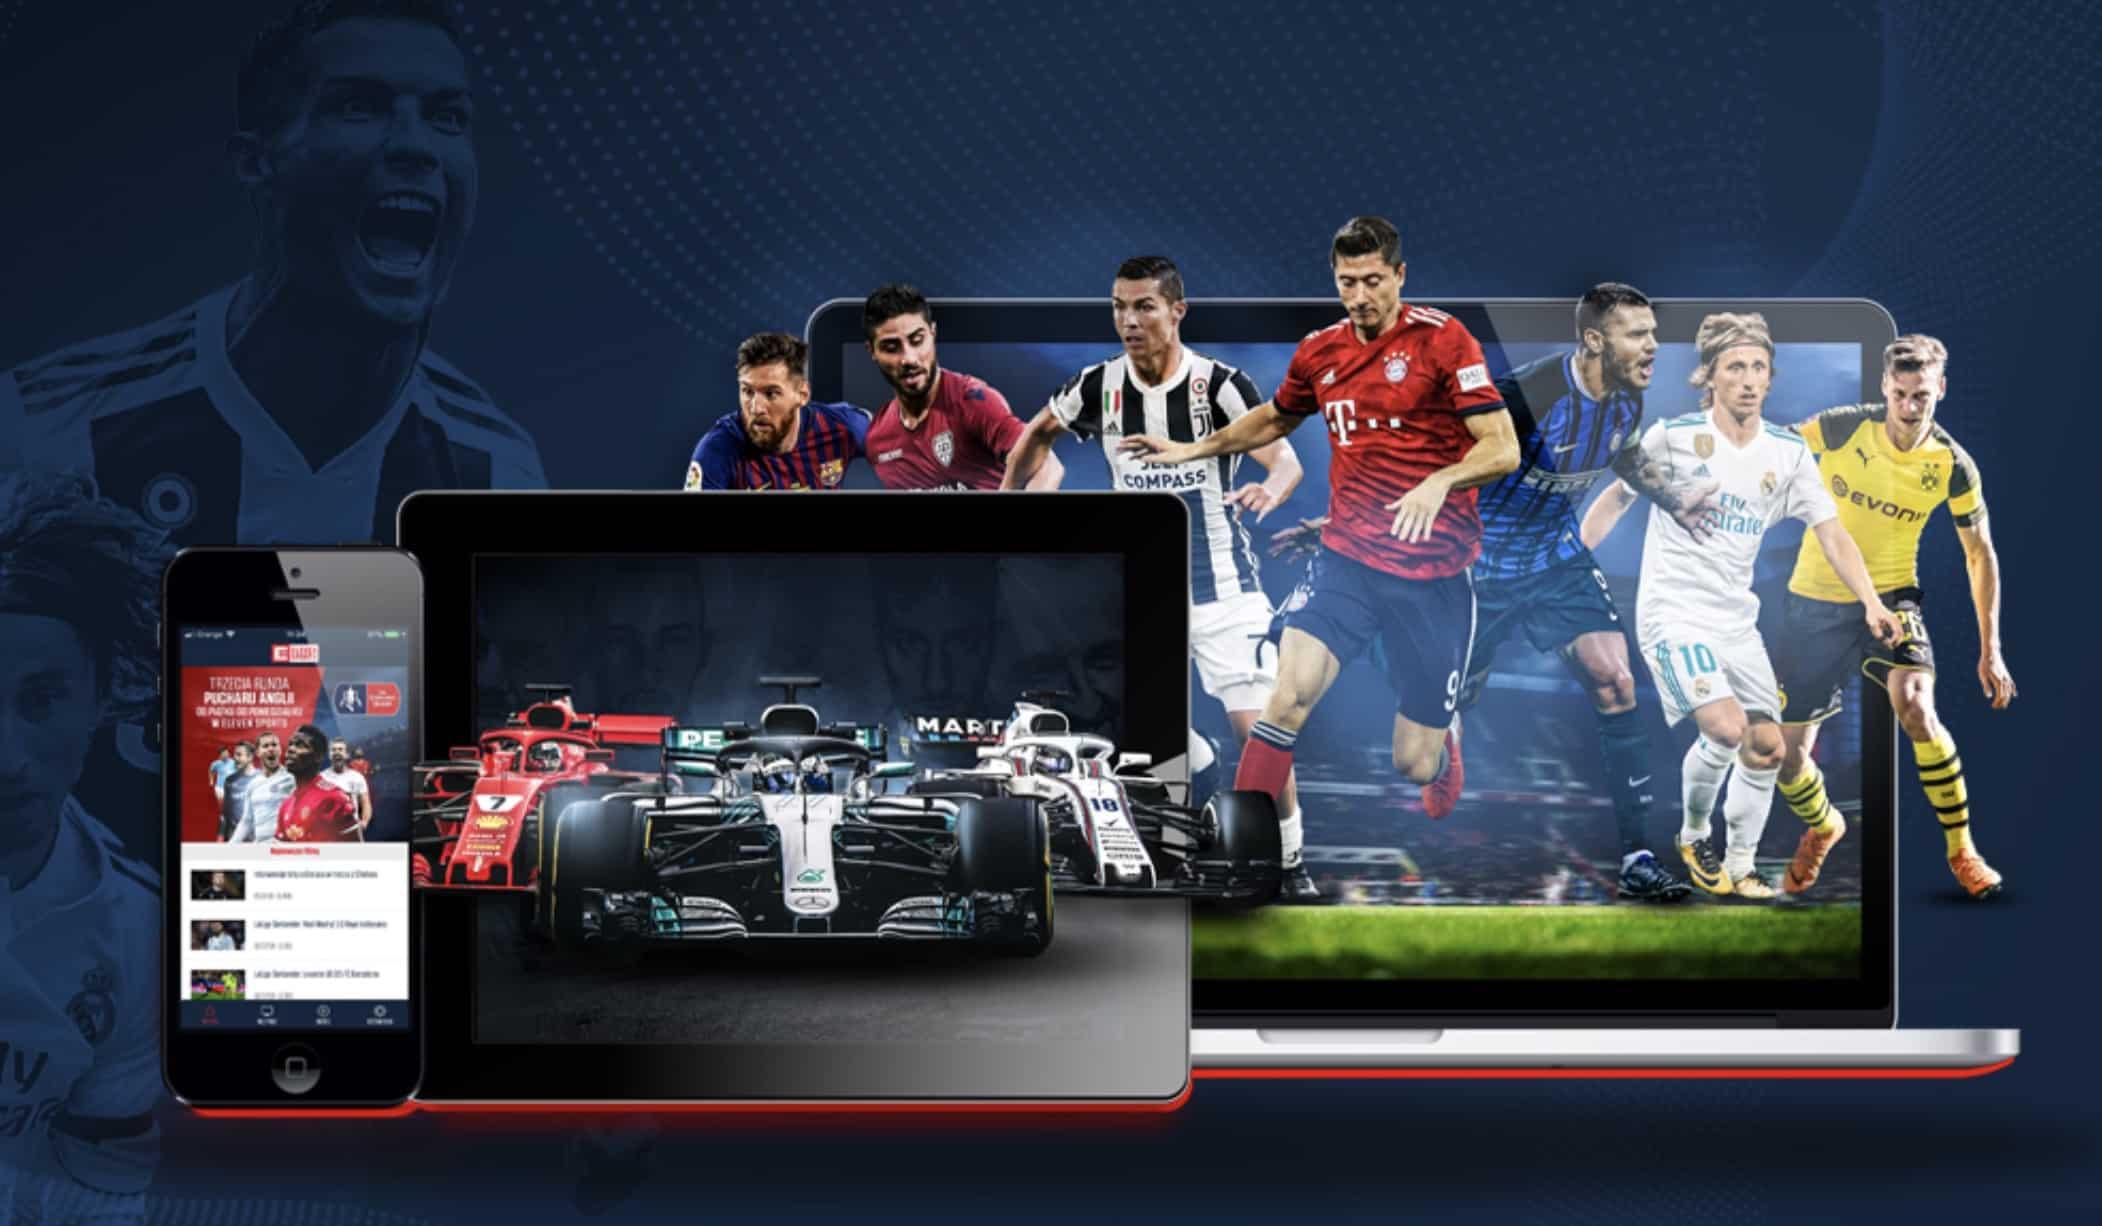 Eleven Sports i nowy kod promocyjny. 30% zniżki!